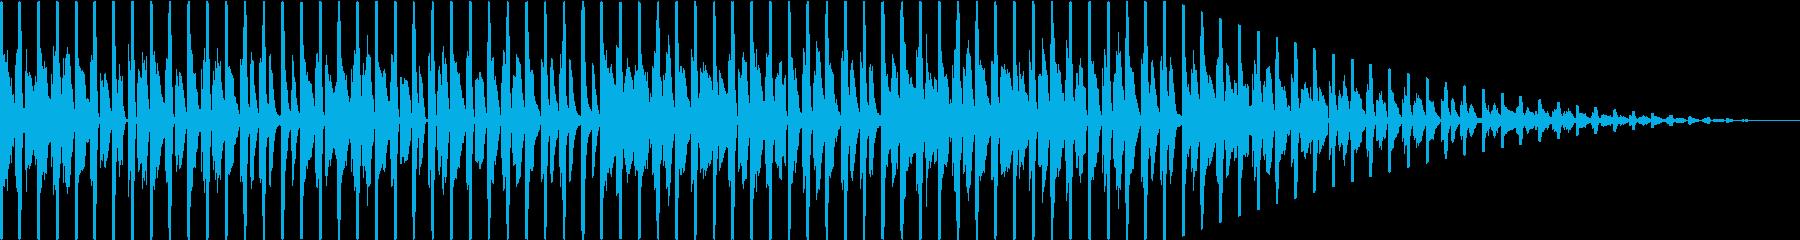 おしゃれなファンク、ハウスの再生済みの波形